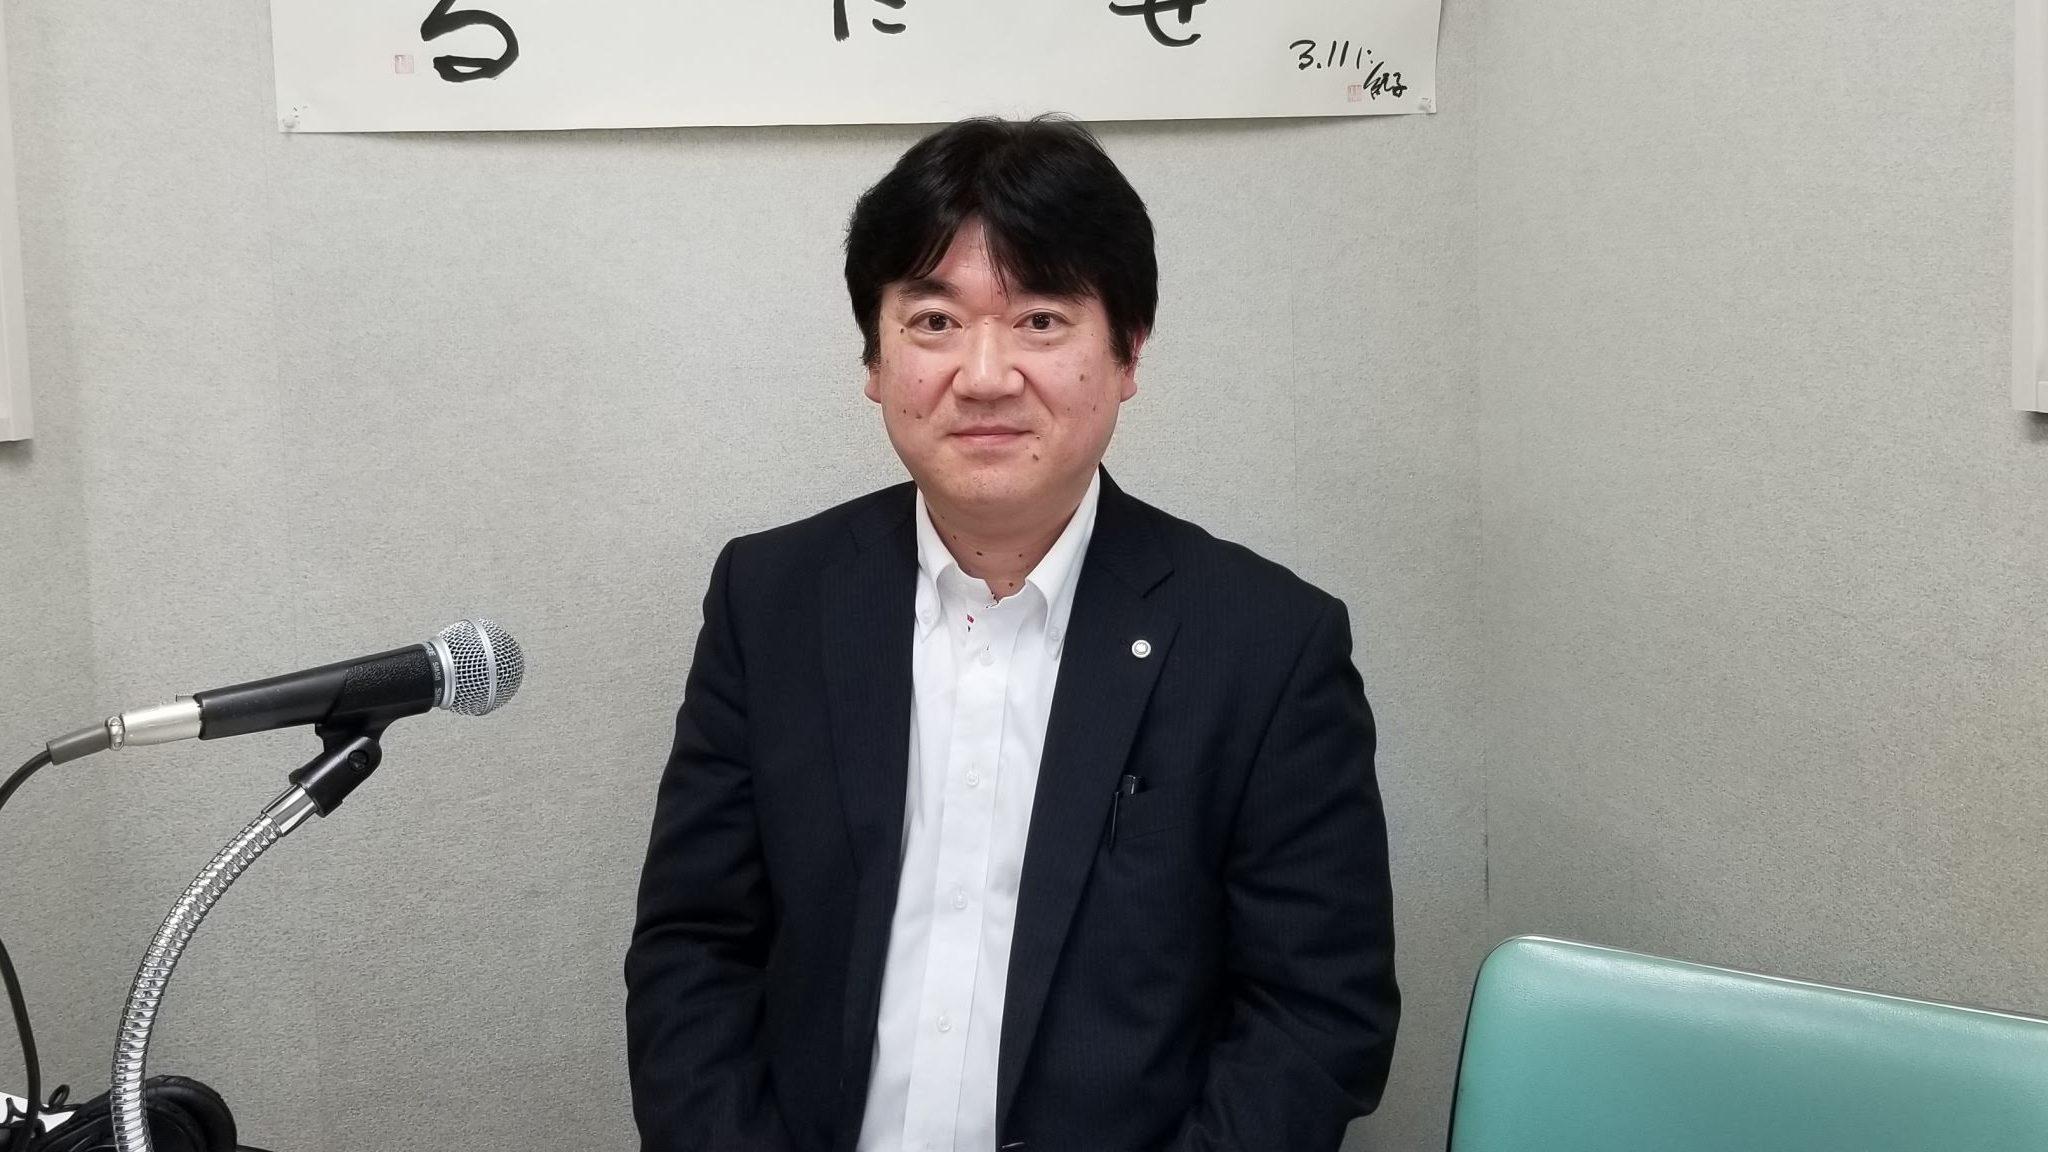 2020.8.27放送 「司法書士法改正と歴史について」 高澤哲也会員